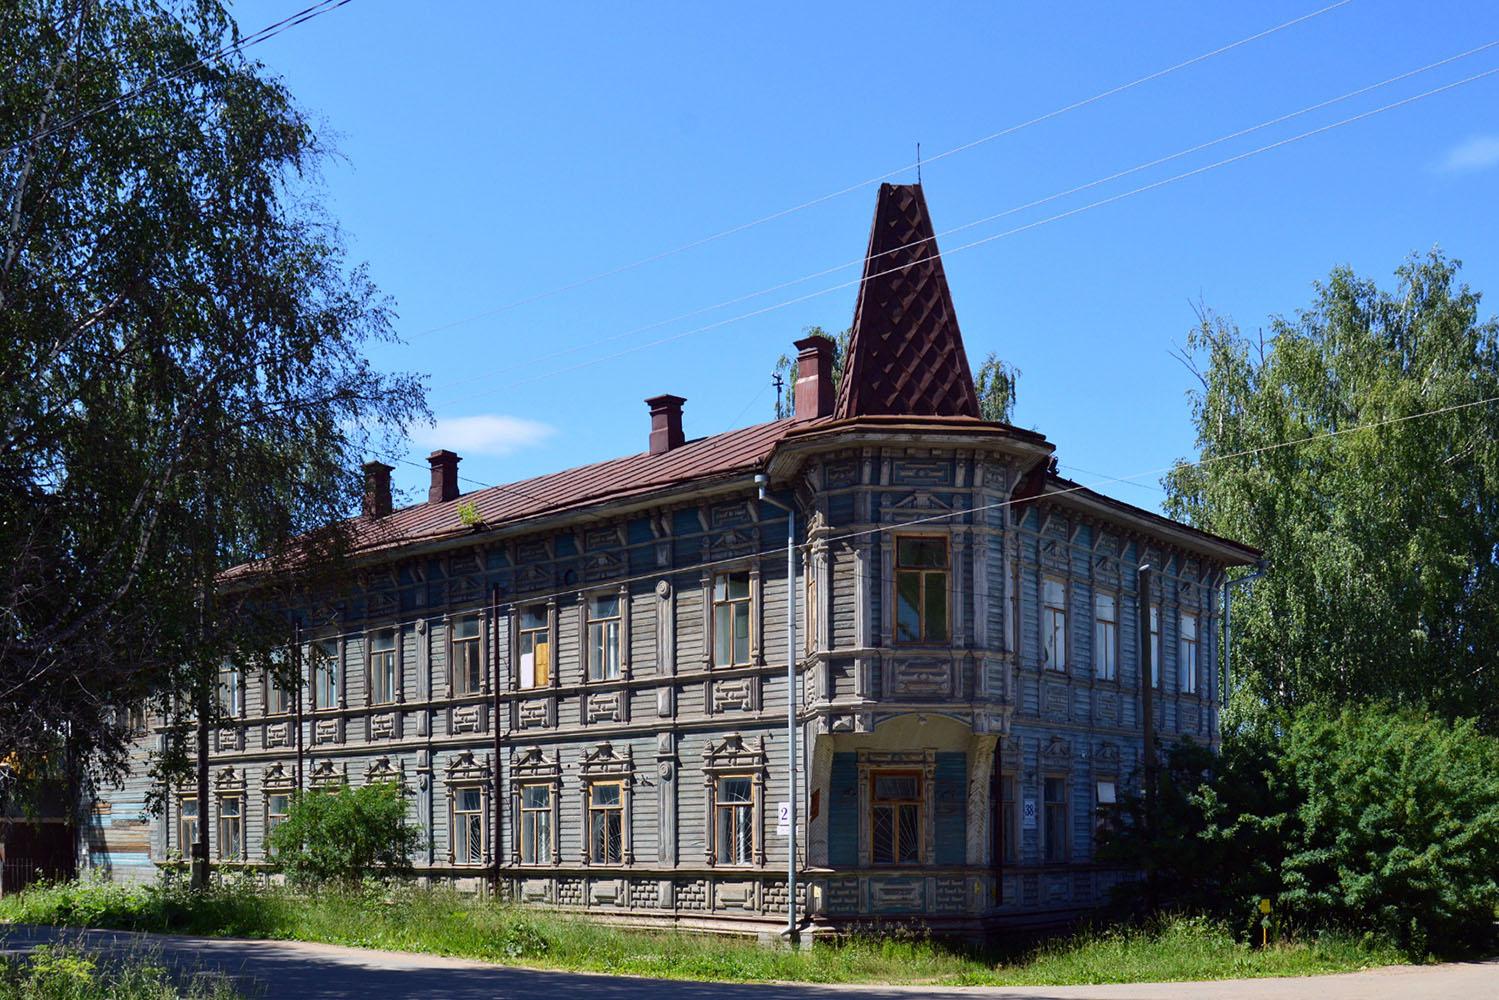 Дом Жигаловых начала XIX века выставили на продажу за один рубль в Великом Устюге